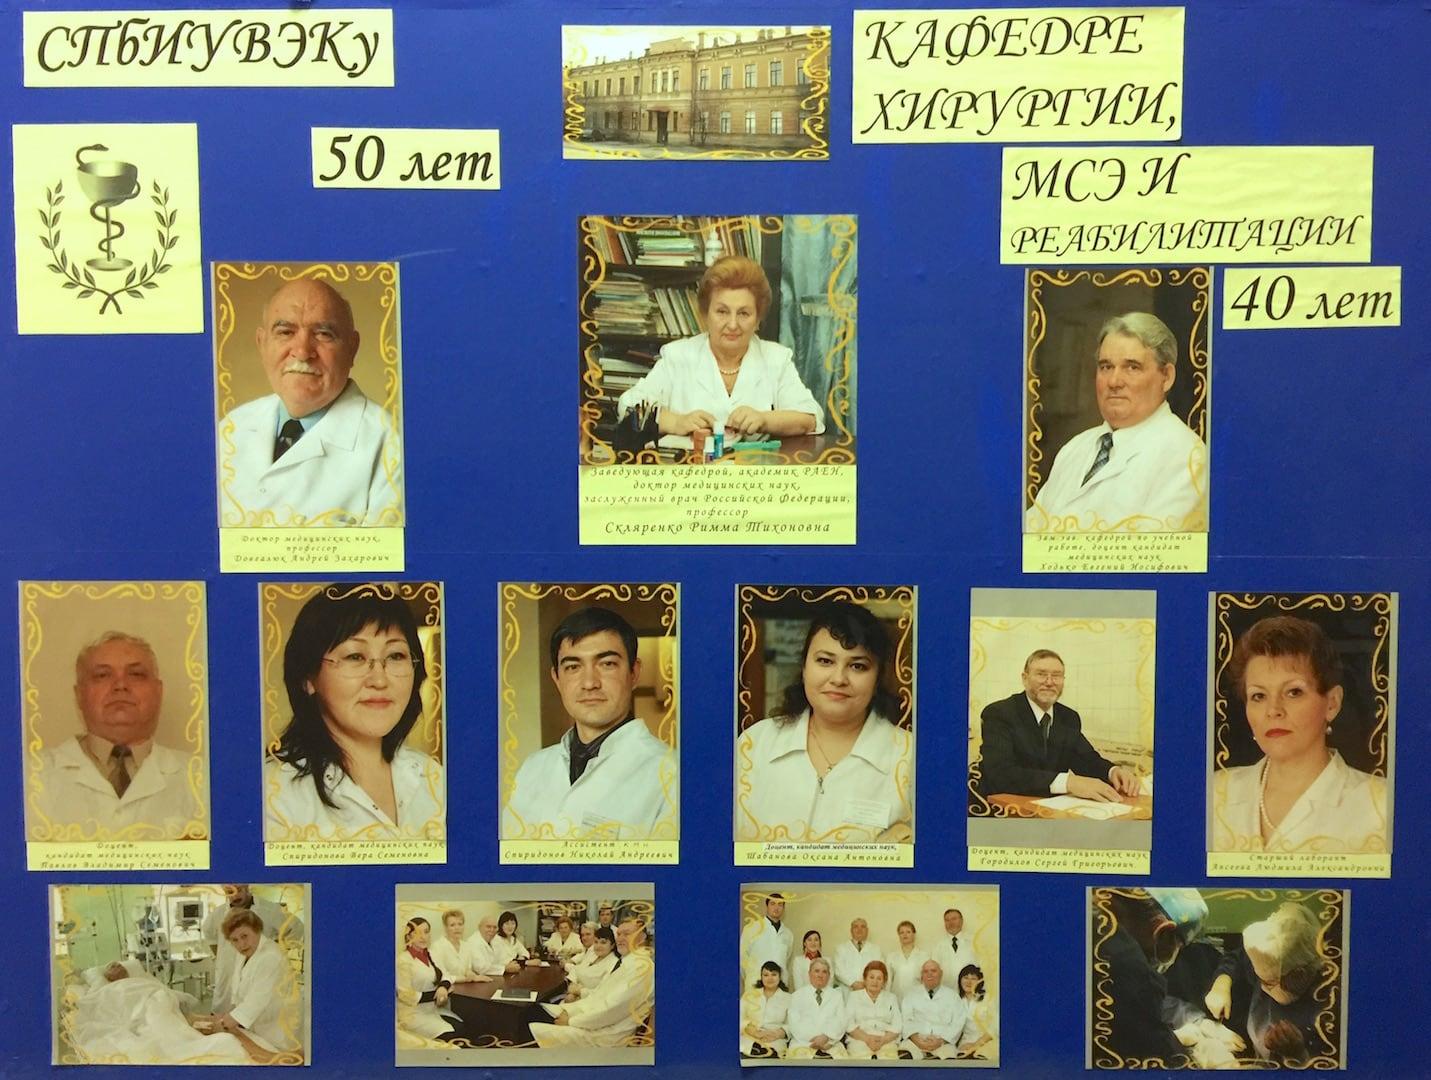 Кафедра хирургии, МСЭ и реабилитации